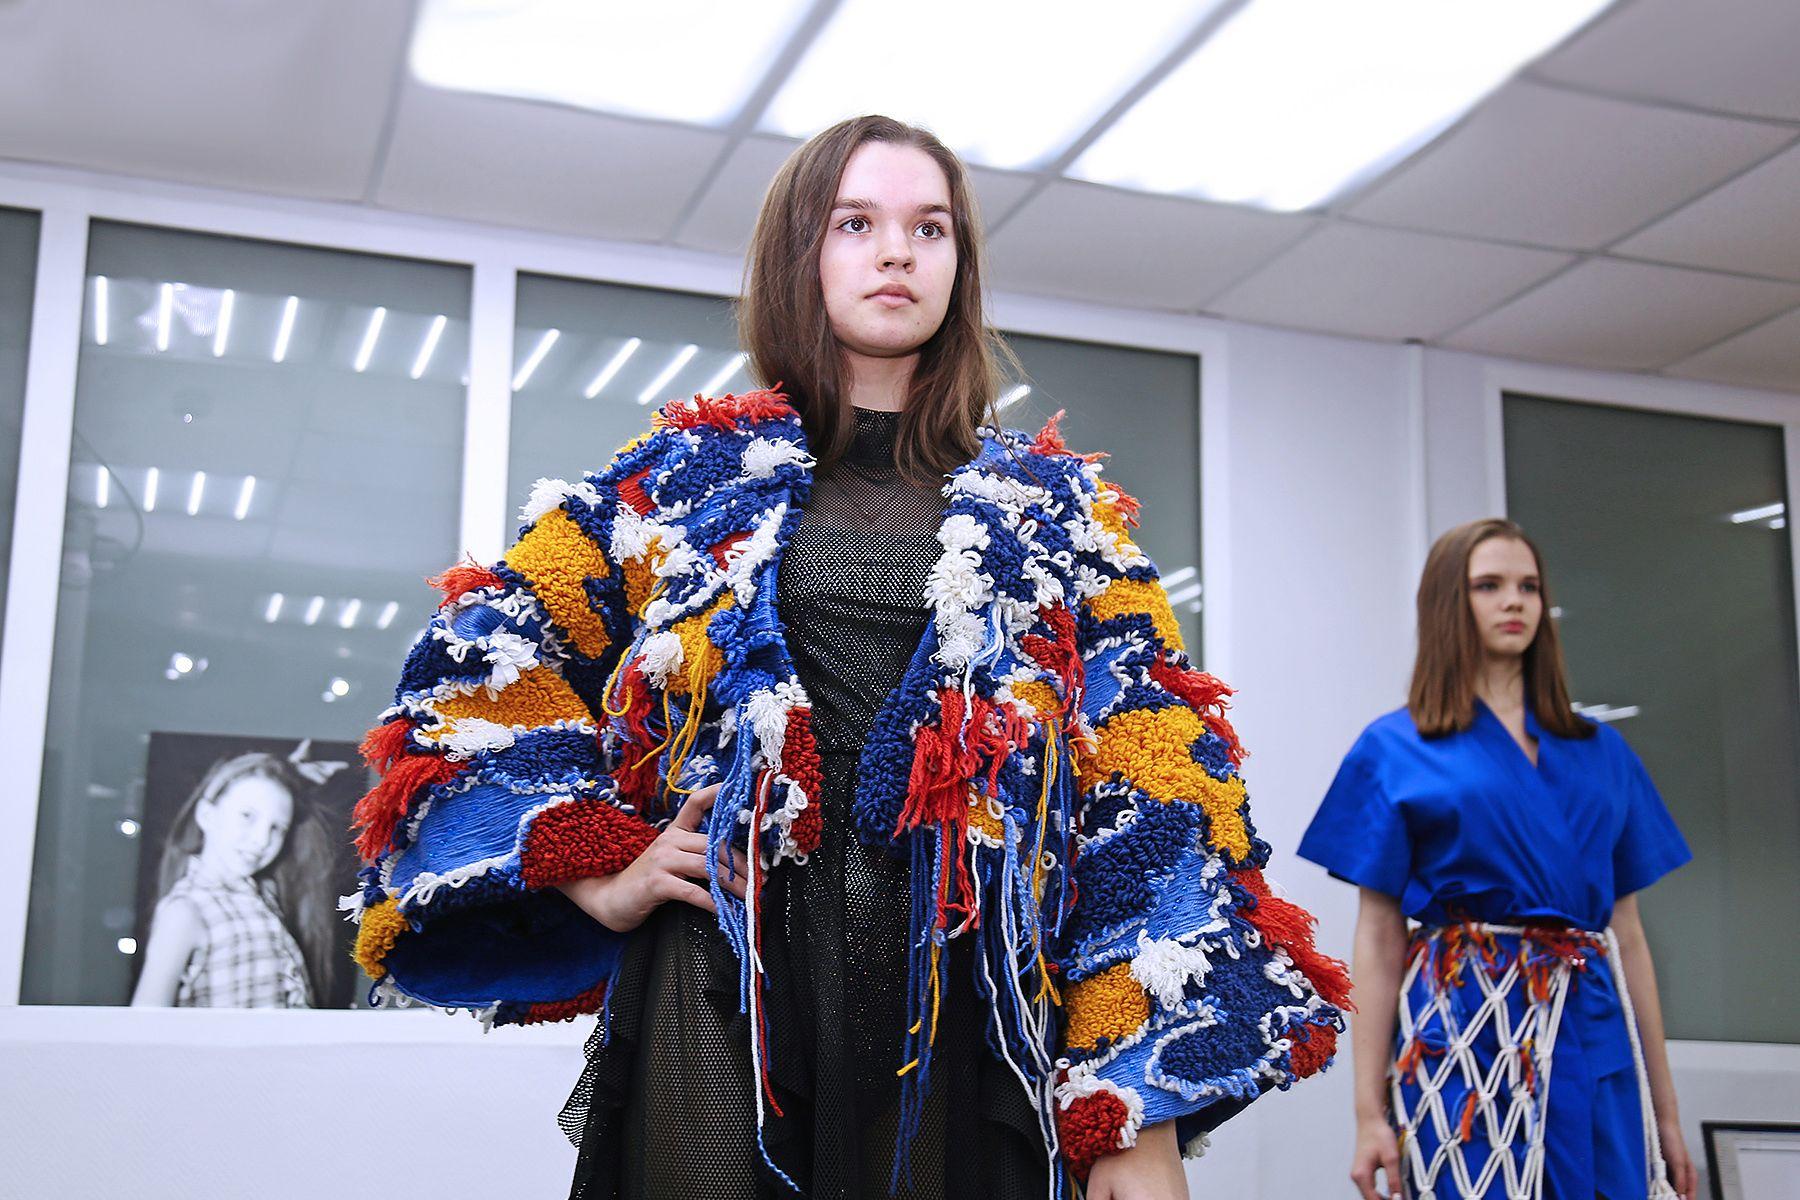 Cтуденты-дизайнеры ВГУЭС представили отчетные коллекции одежды